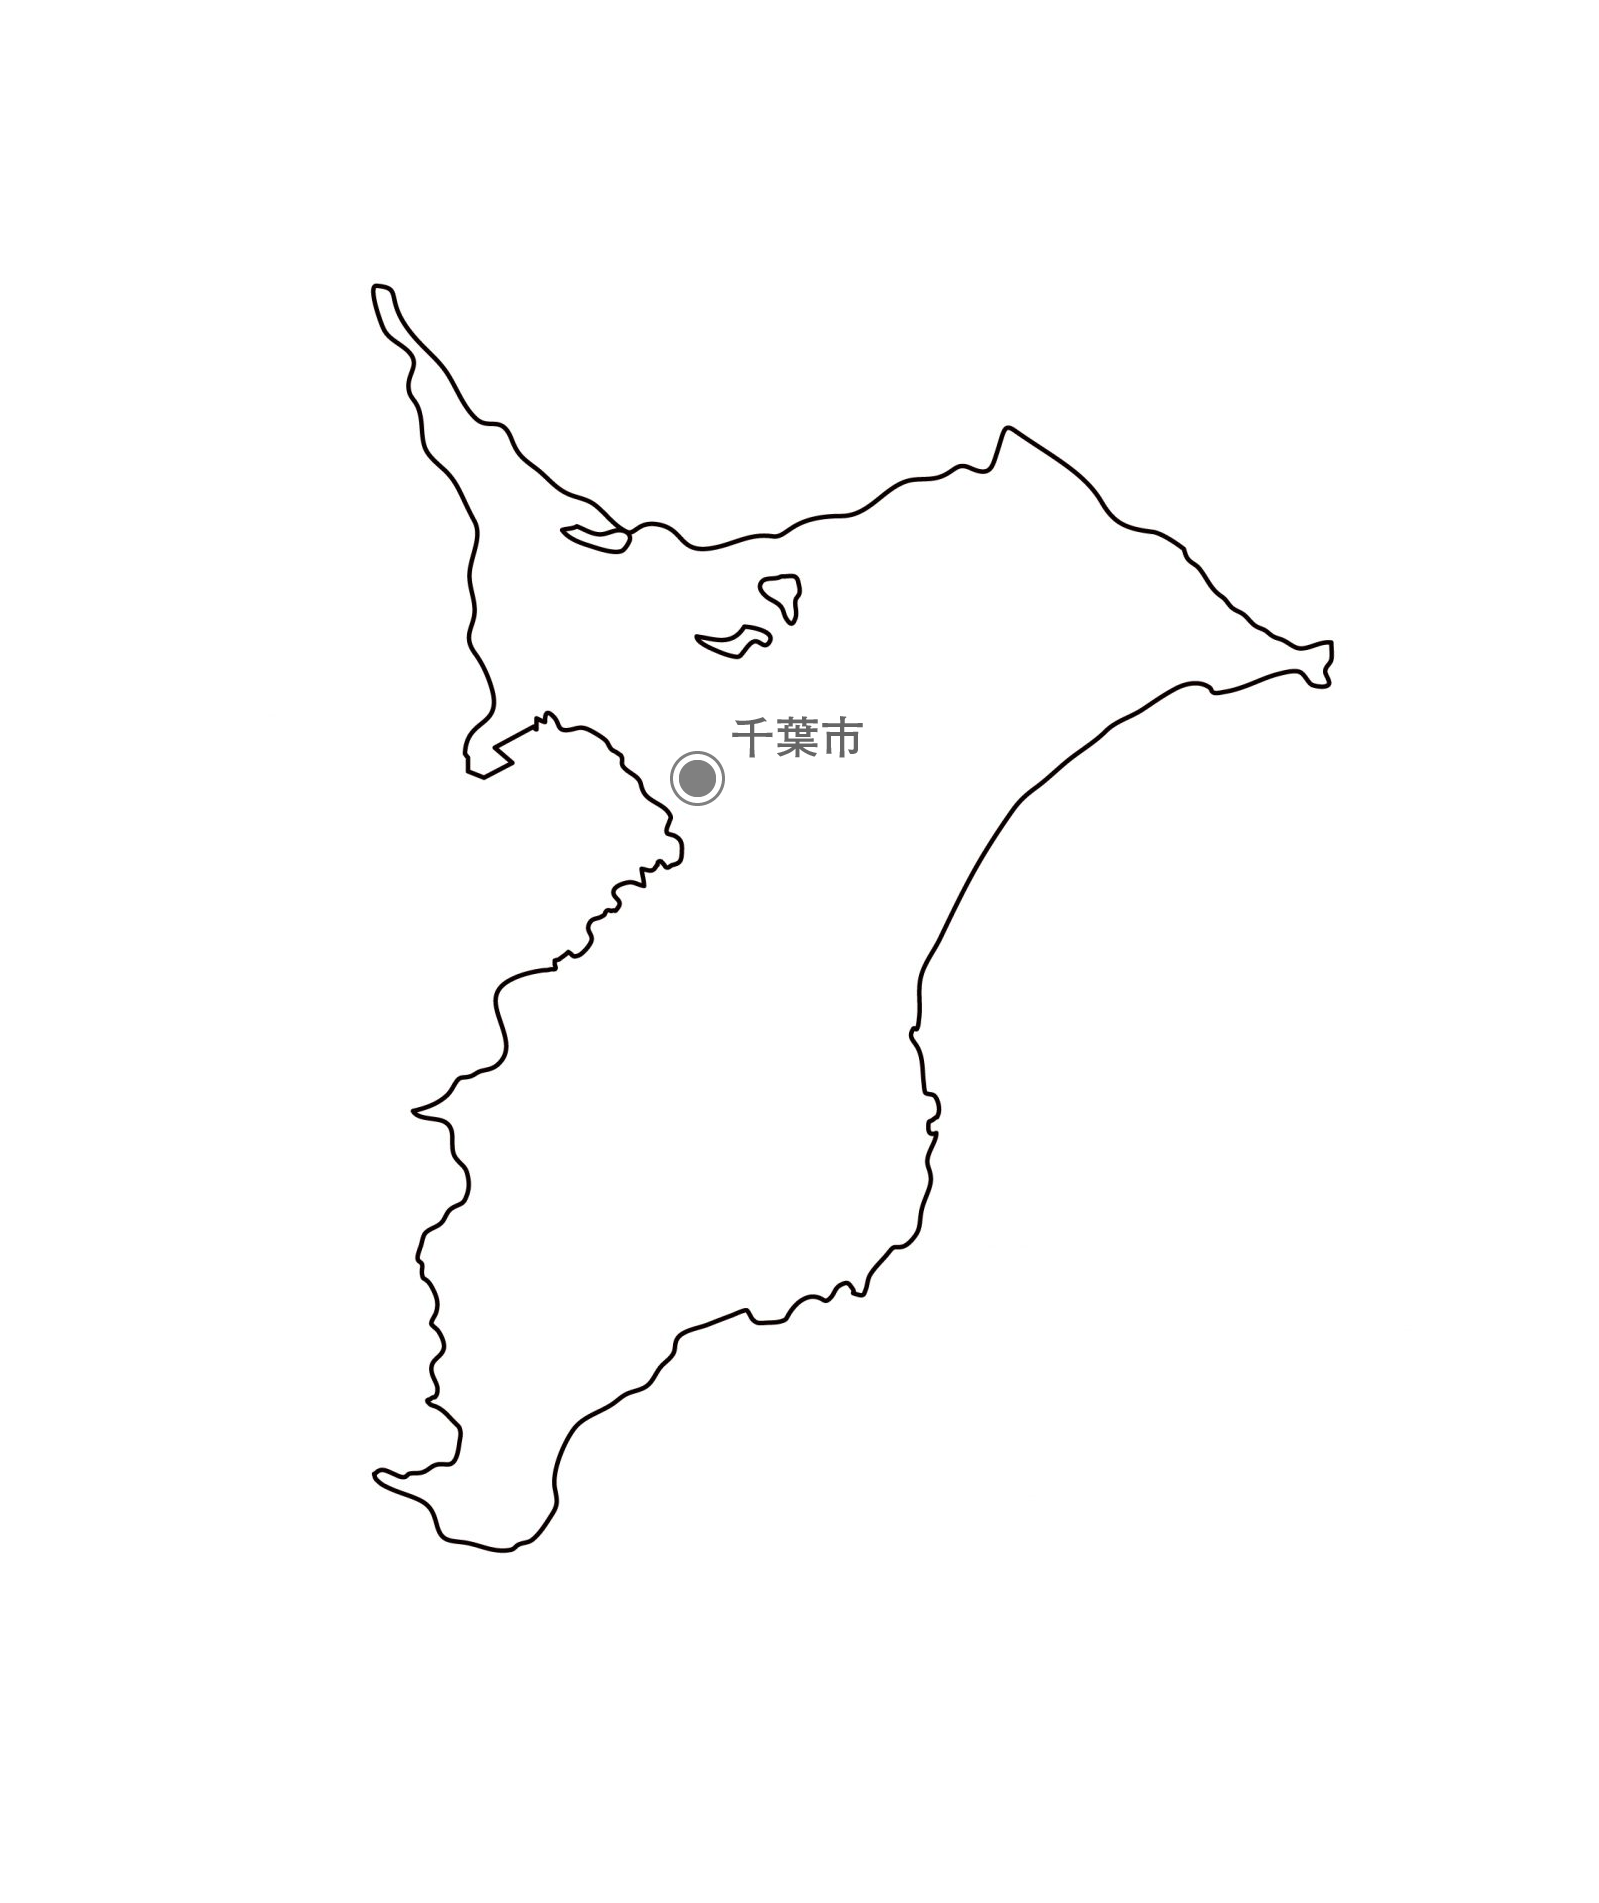 [白地図]千葉県・都道府県名・県庁所在地あり